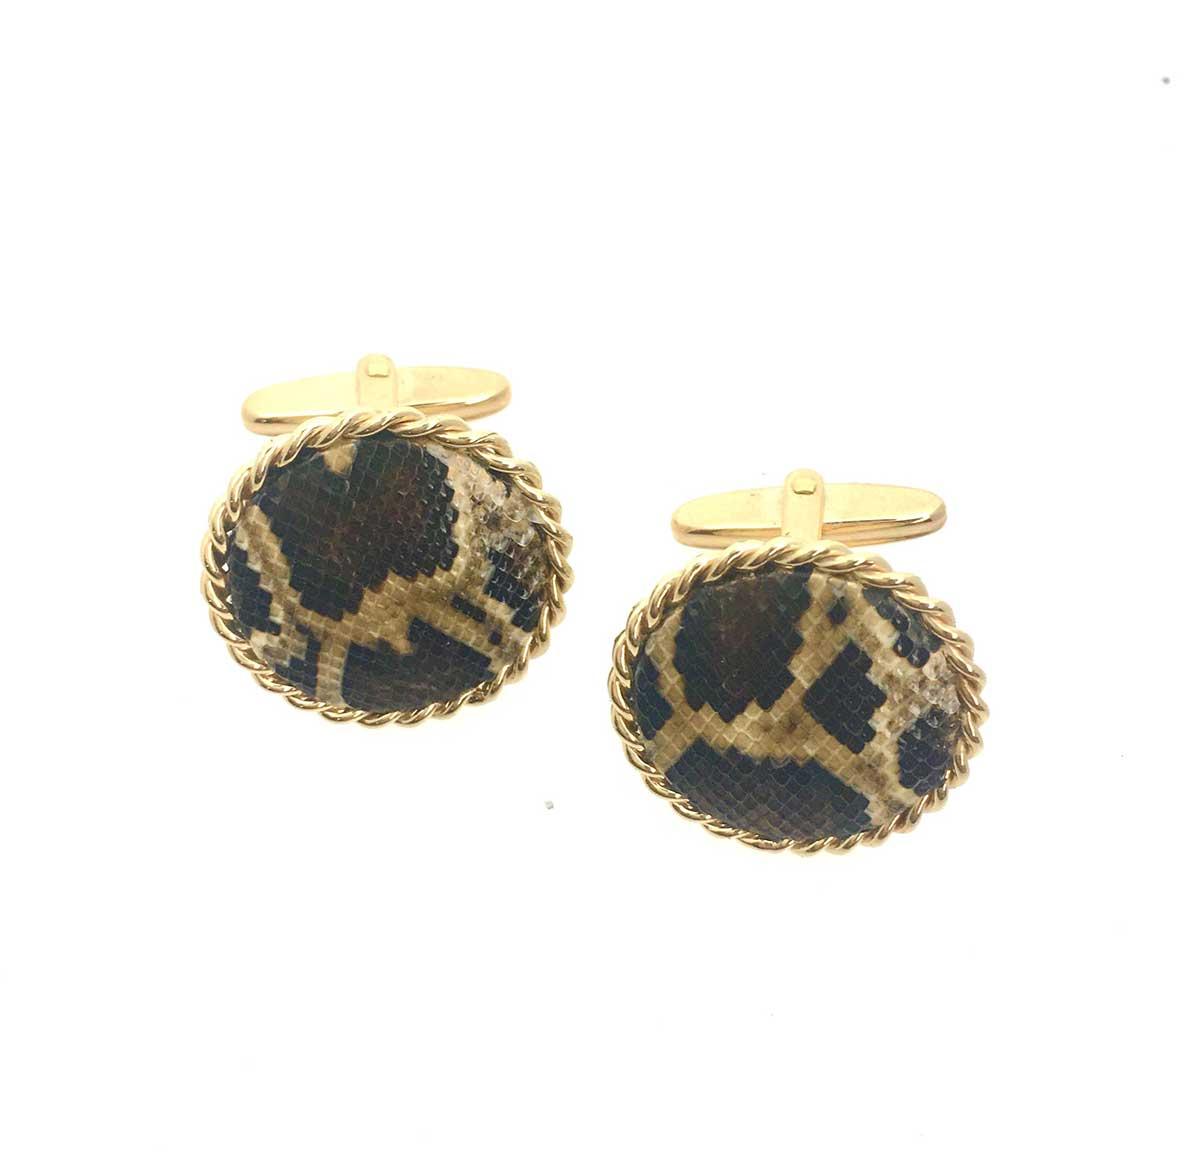 Invasive burmese python skin and yellow gold cufflinks